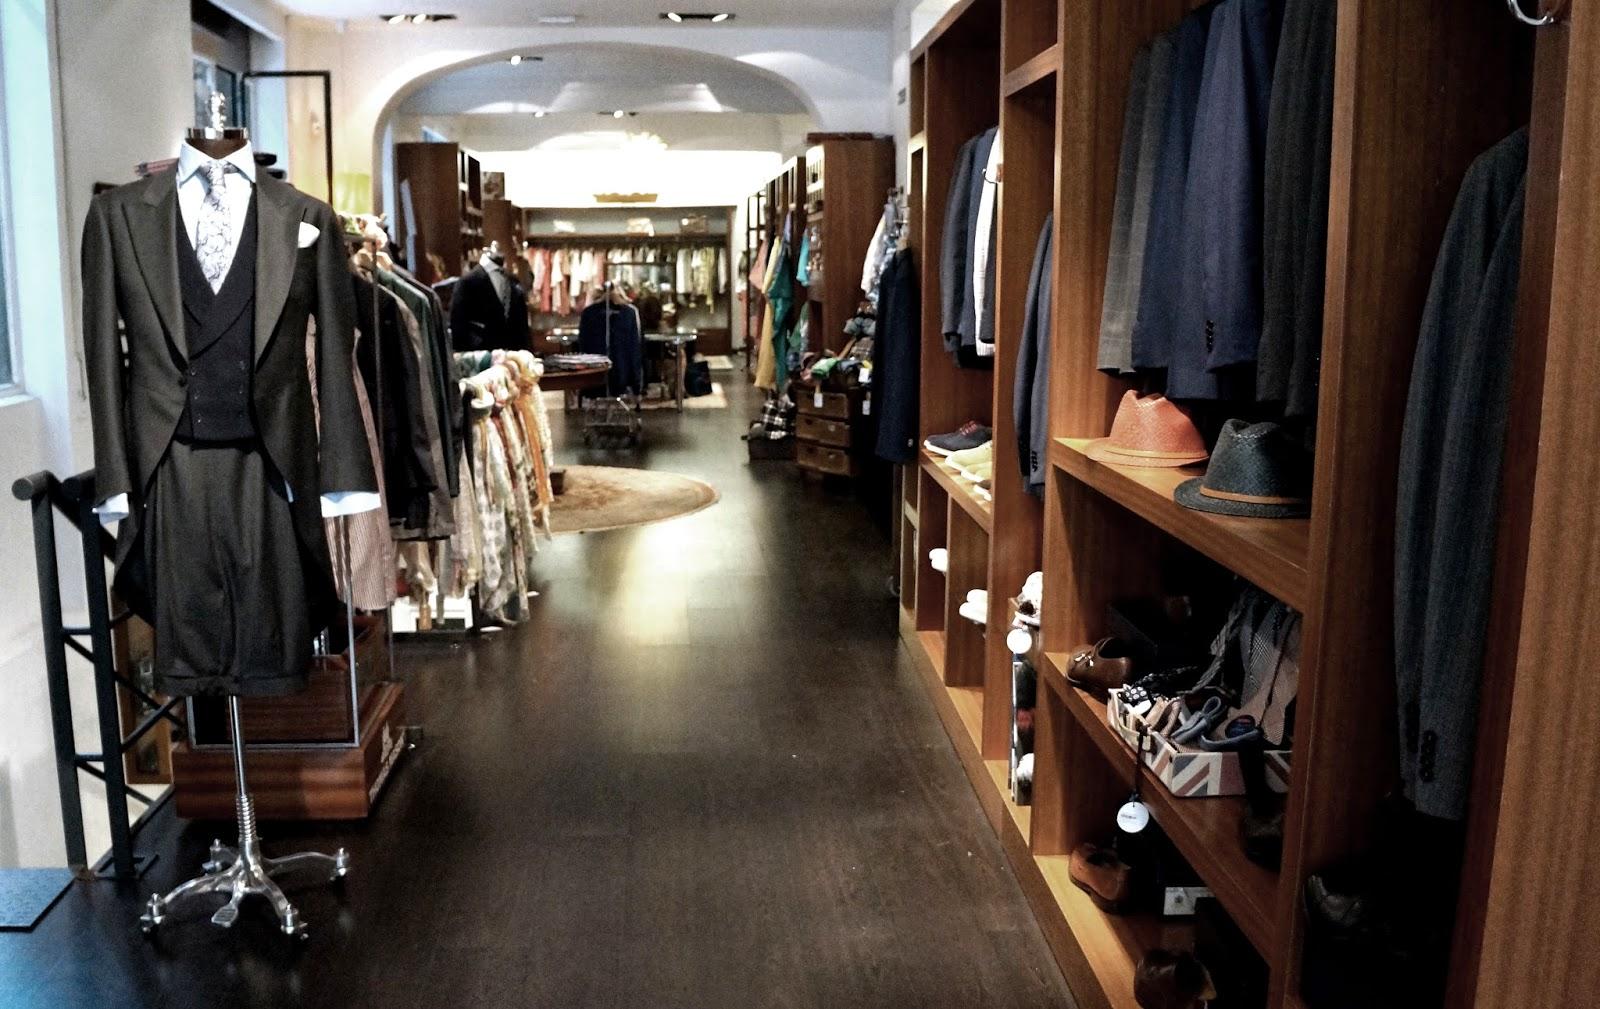 Anglomanía, Influencia, Madrid, menswear, sastrería, shops, Suits and Shirts, tienda,